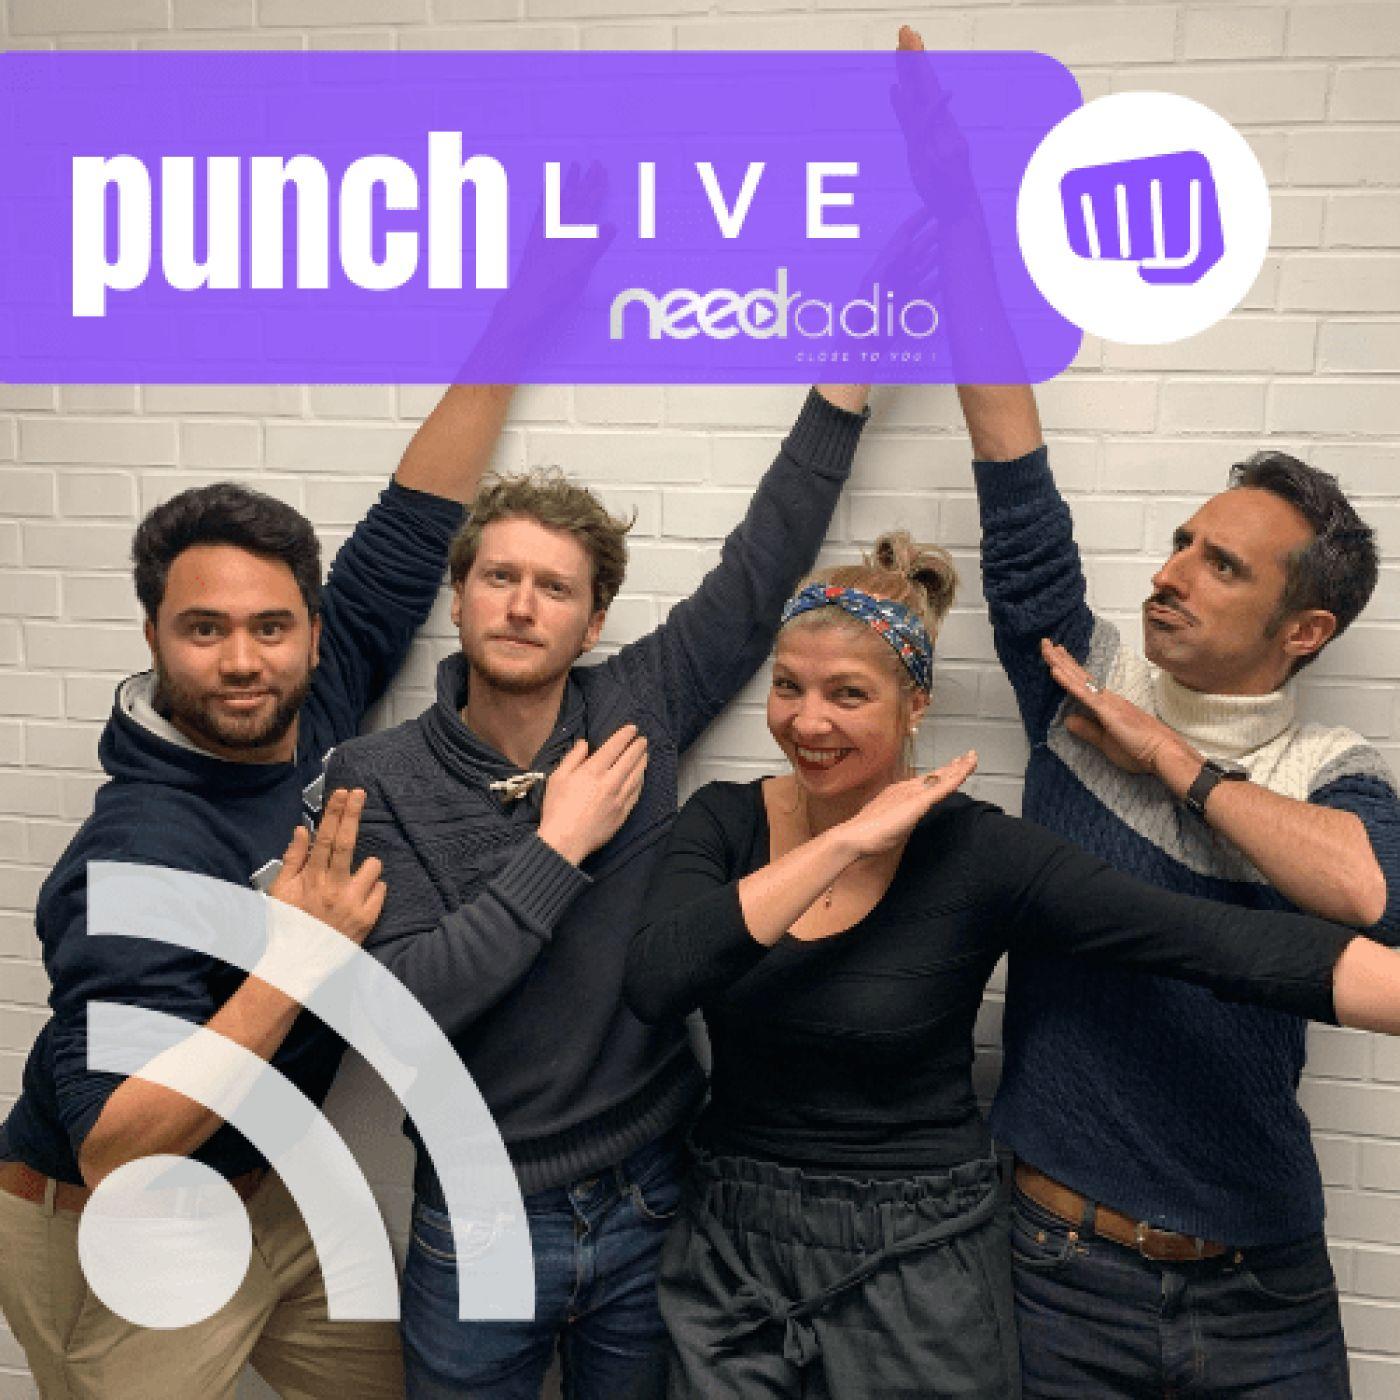 Punch Live avec Quentin et son équipe (13/05/19)